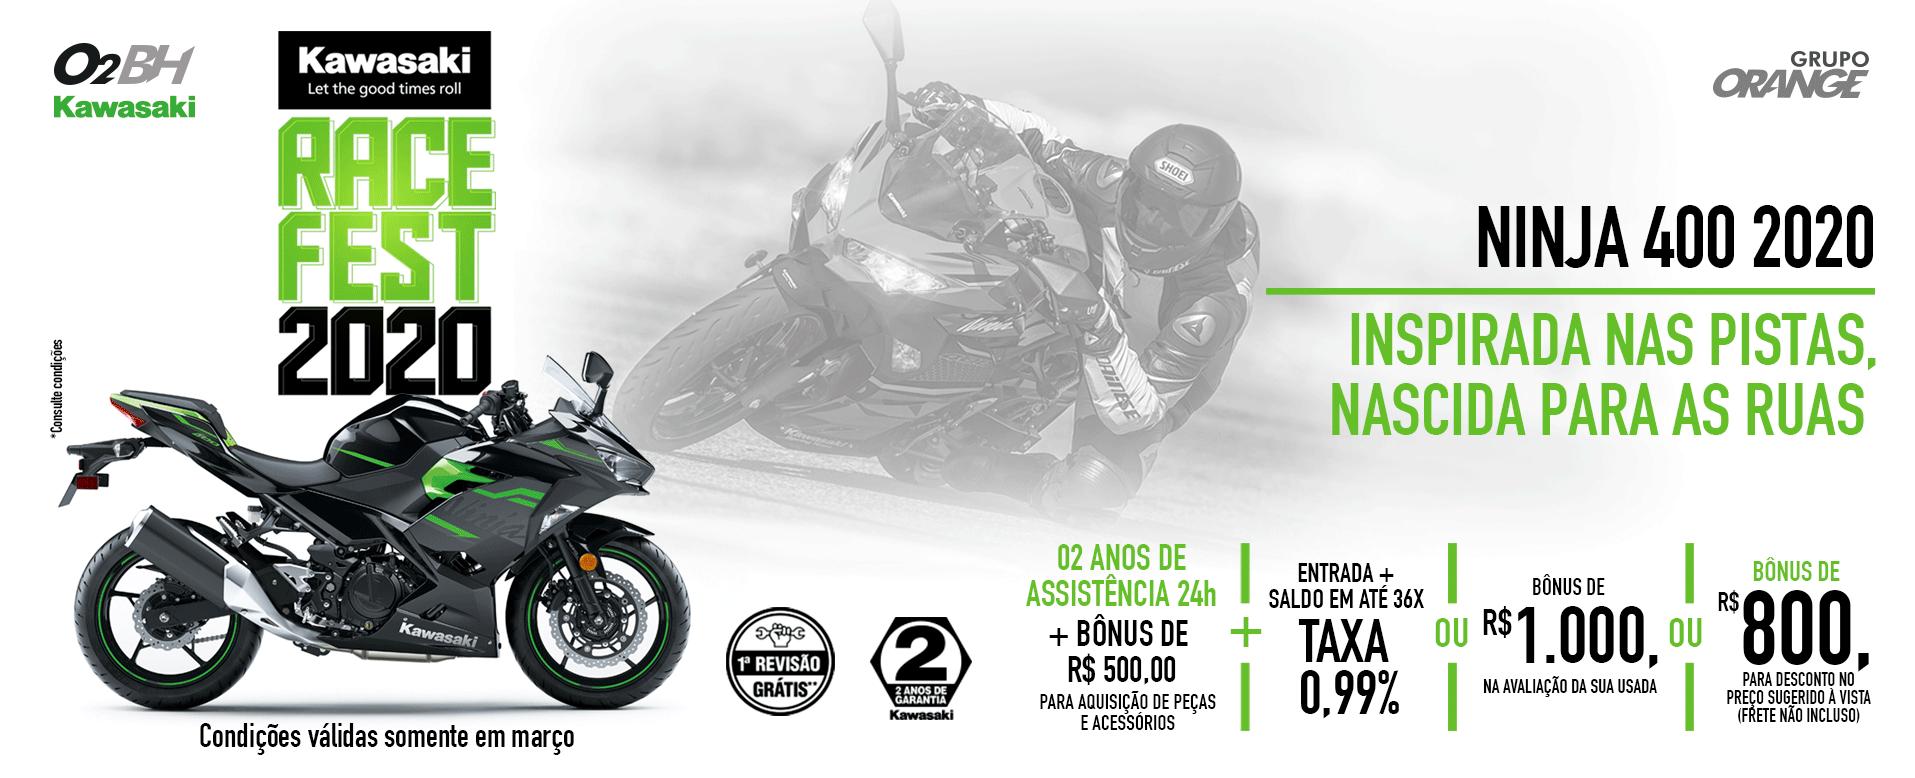 Ninja 400 2020